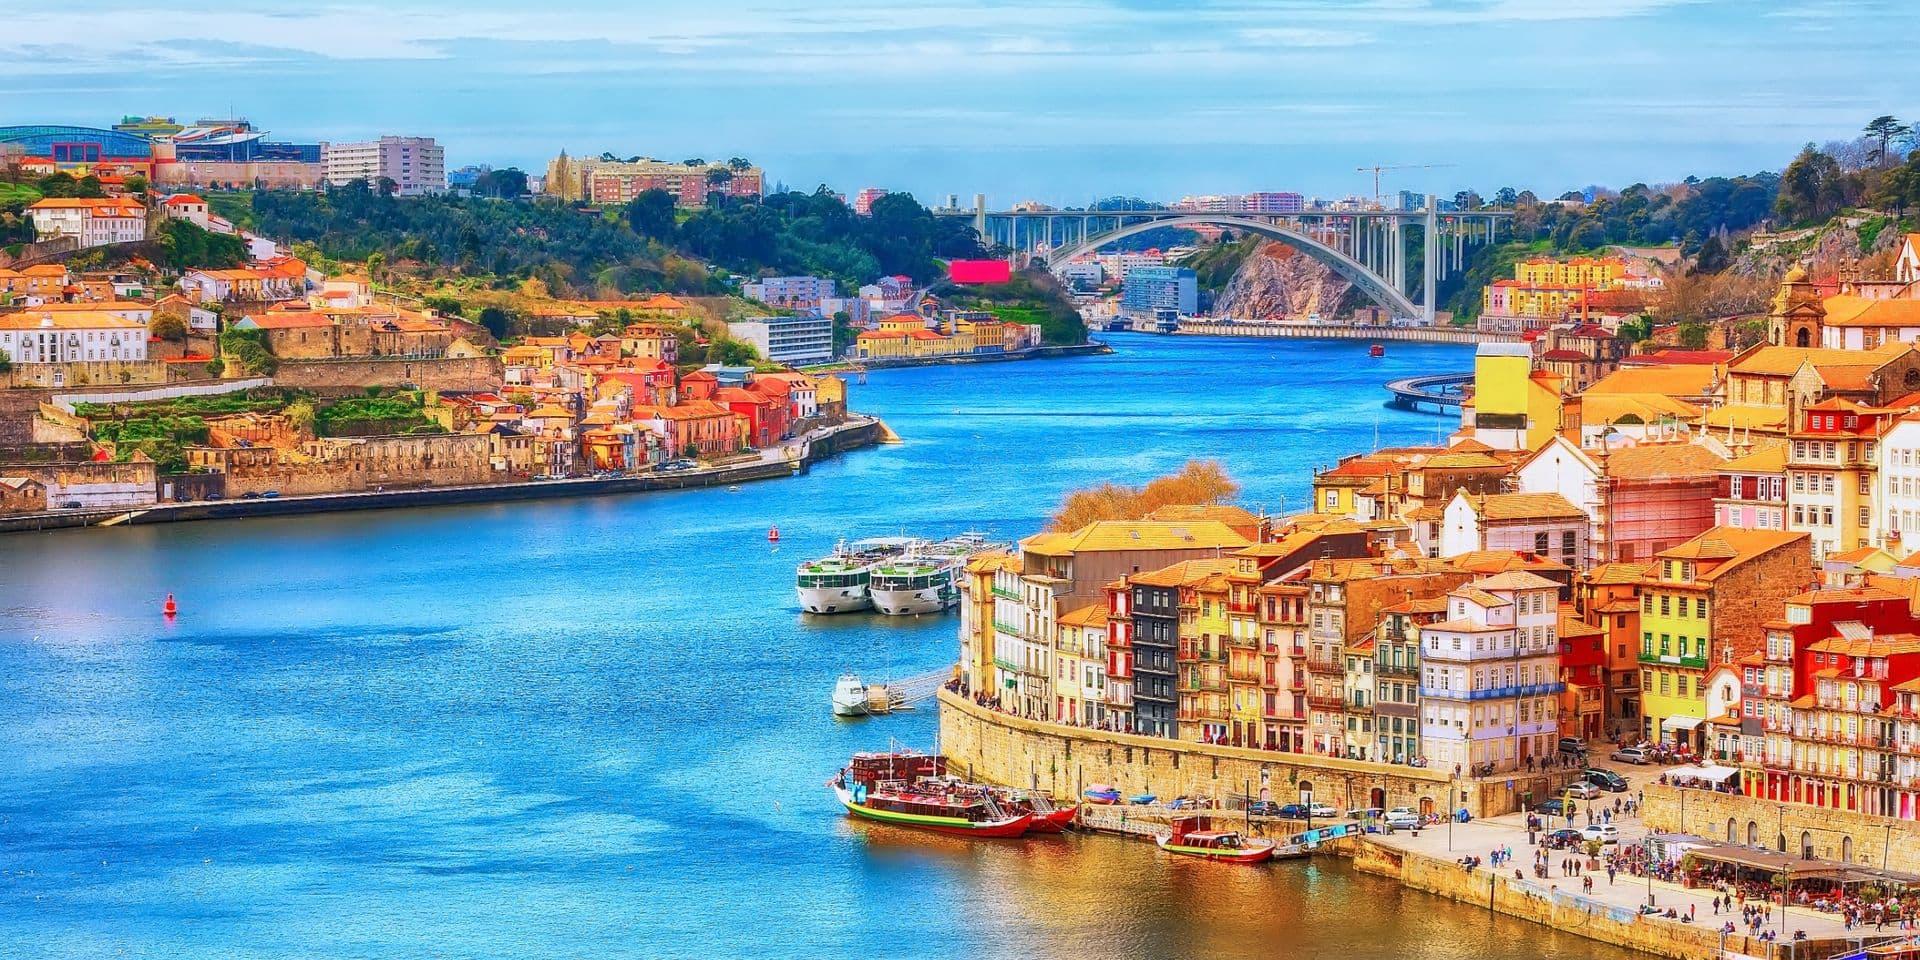 Coronavirus dans le monde: le Portugal autorise les voyages touristiques pour la plupart des pays européens, 20 millions de vaccinés en France